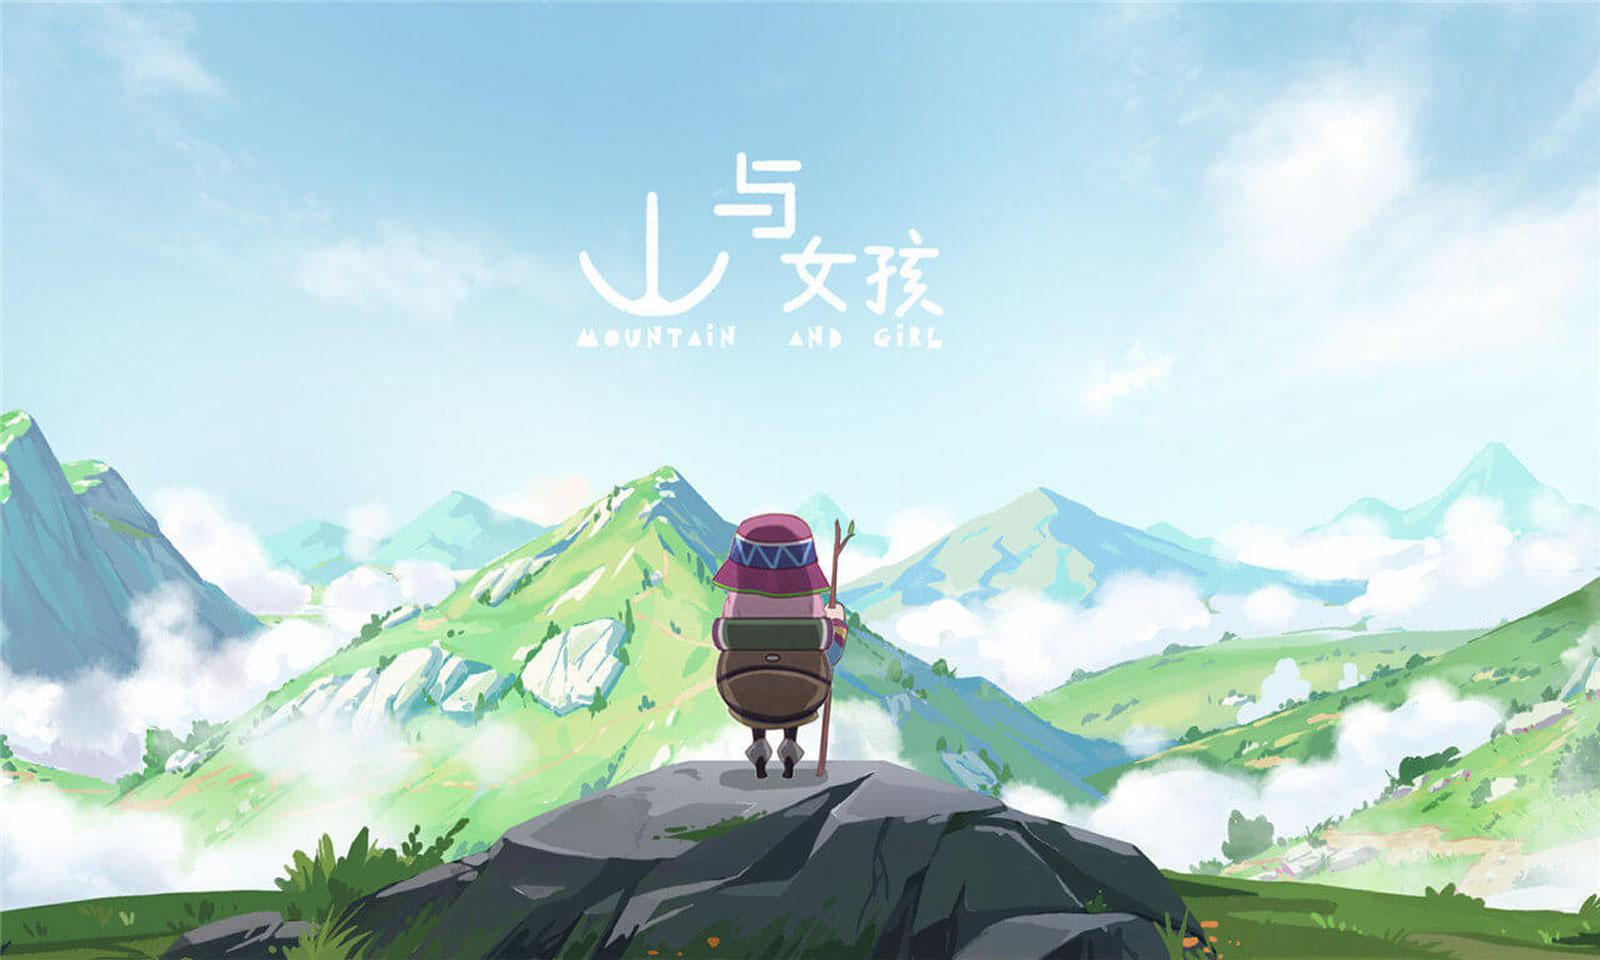 《山与女孩》一场寻求安宁与自我和解的奇旅